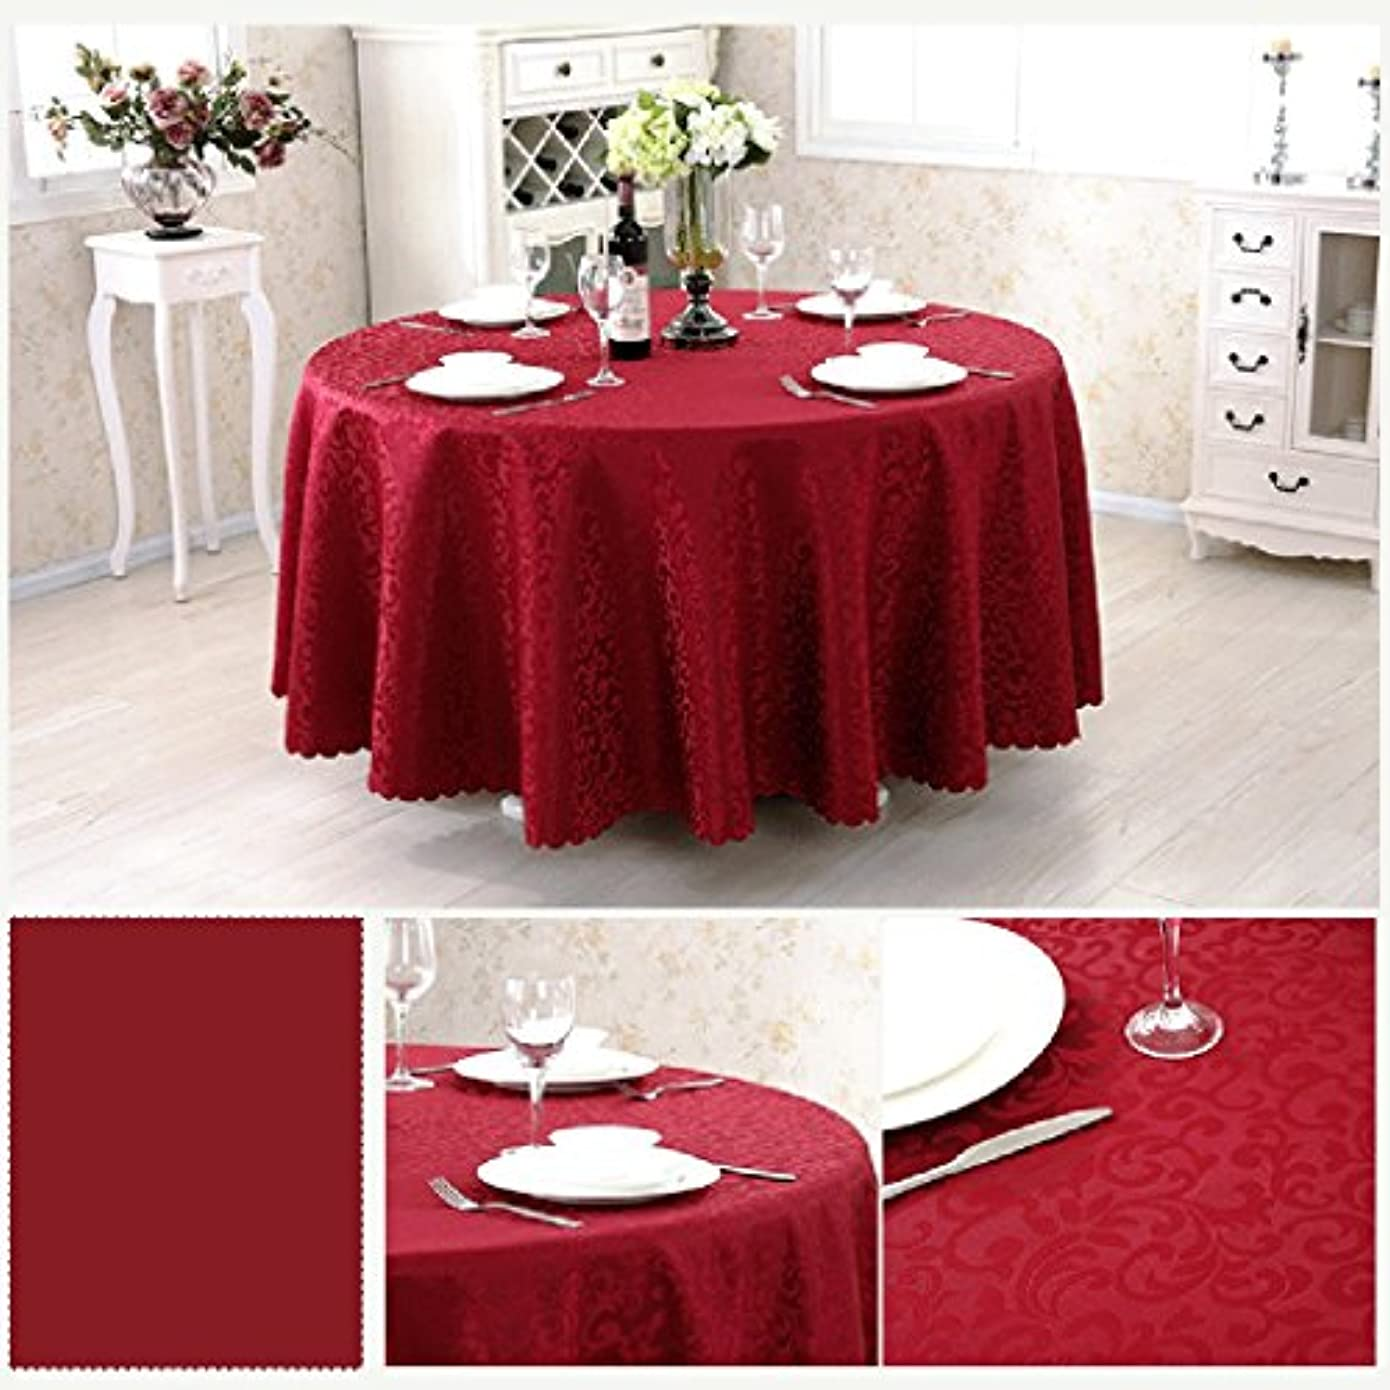 リル何十人もメッセンジャーHAPzfsp テーブルクロス ラウンド化学繊維テーブルクロスヨーロッパスタイルのコーヒーテーブルレストランホテルテーブルクロス幾何学模様様々なサイズ様々な色(62インチ/ 160 cm-125インチ/ 320 cm) パティオ、キッチン、ダイニングルーム、ダイニングテーブル、ホテル (Color : Wine red, Size : Round 240cm)